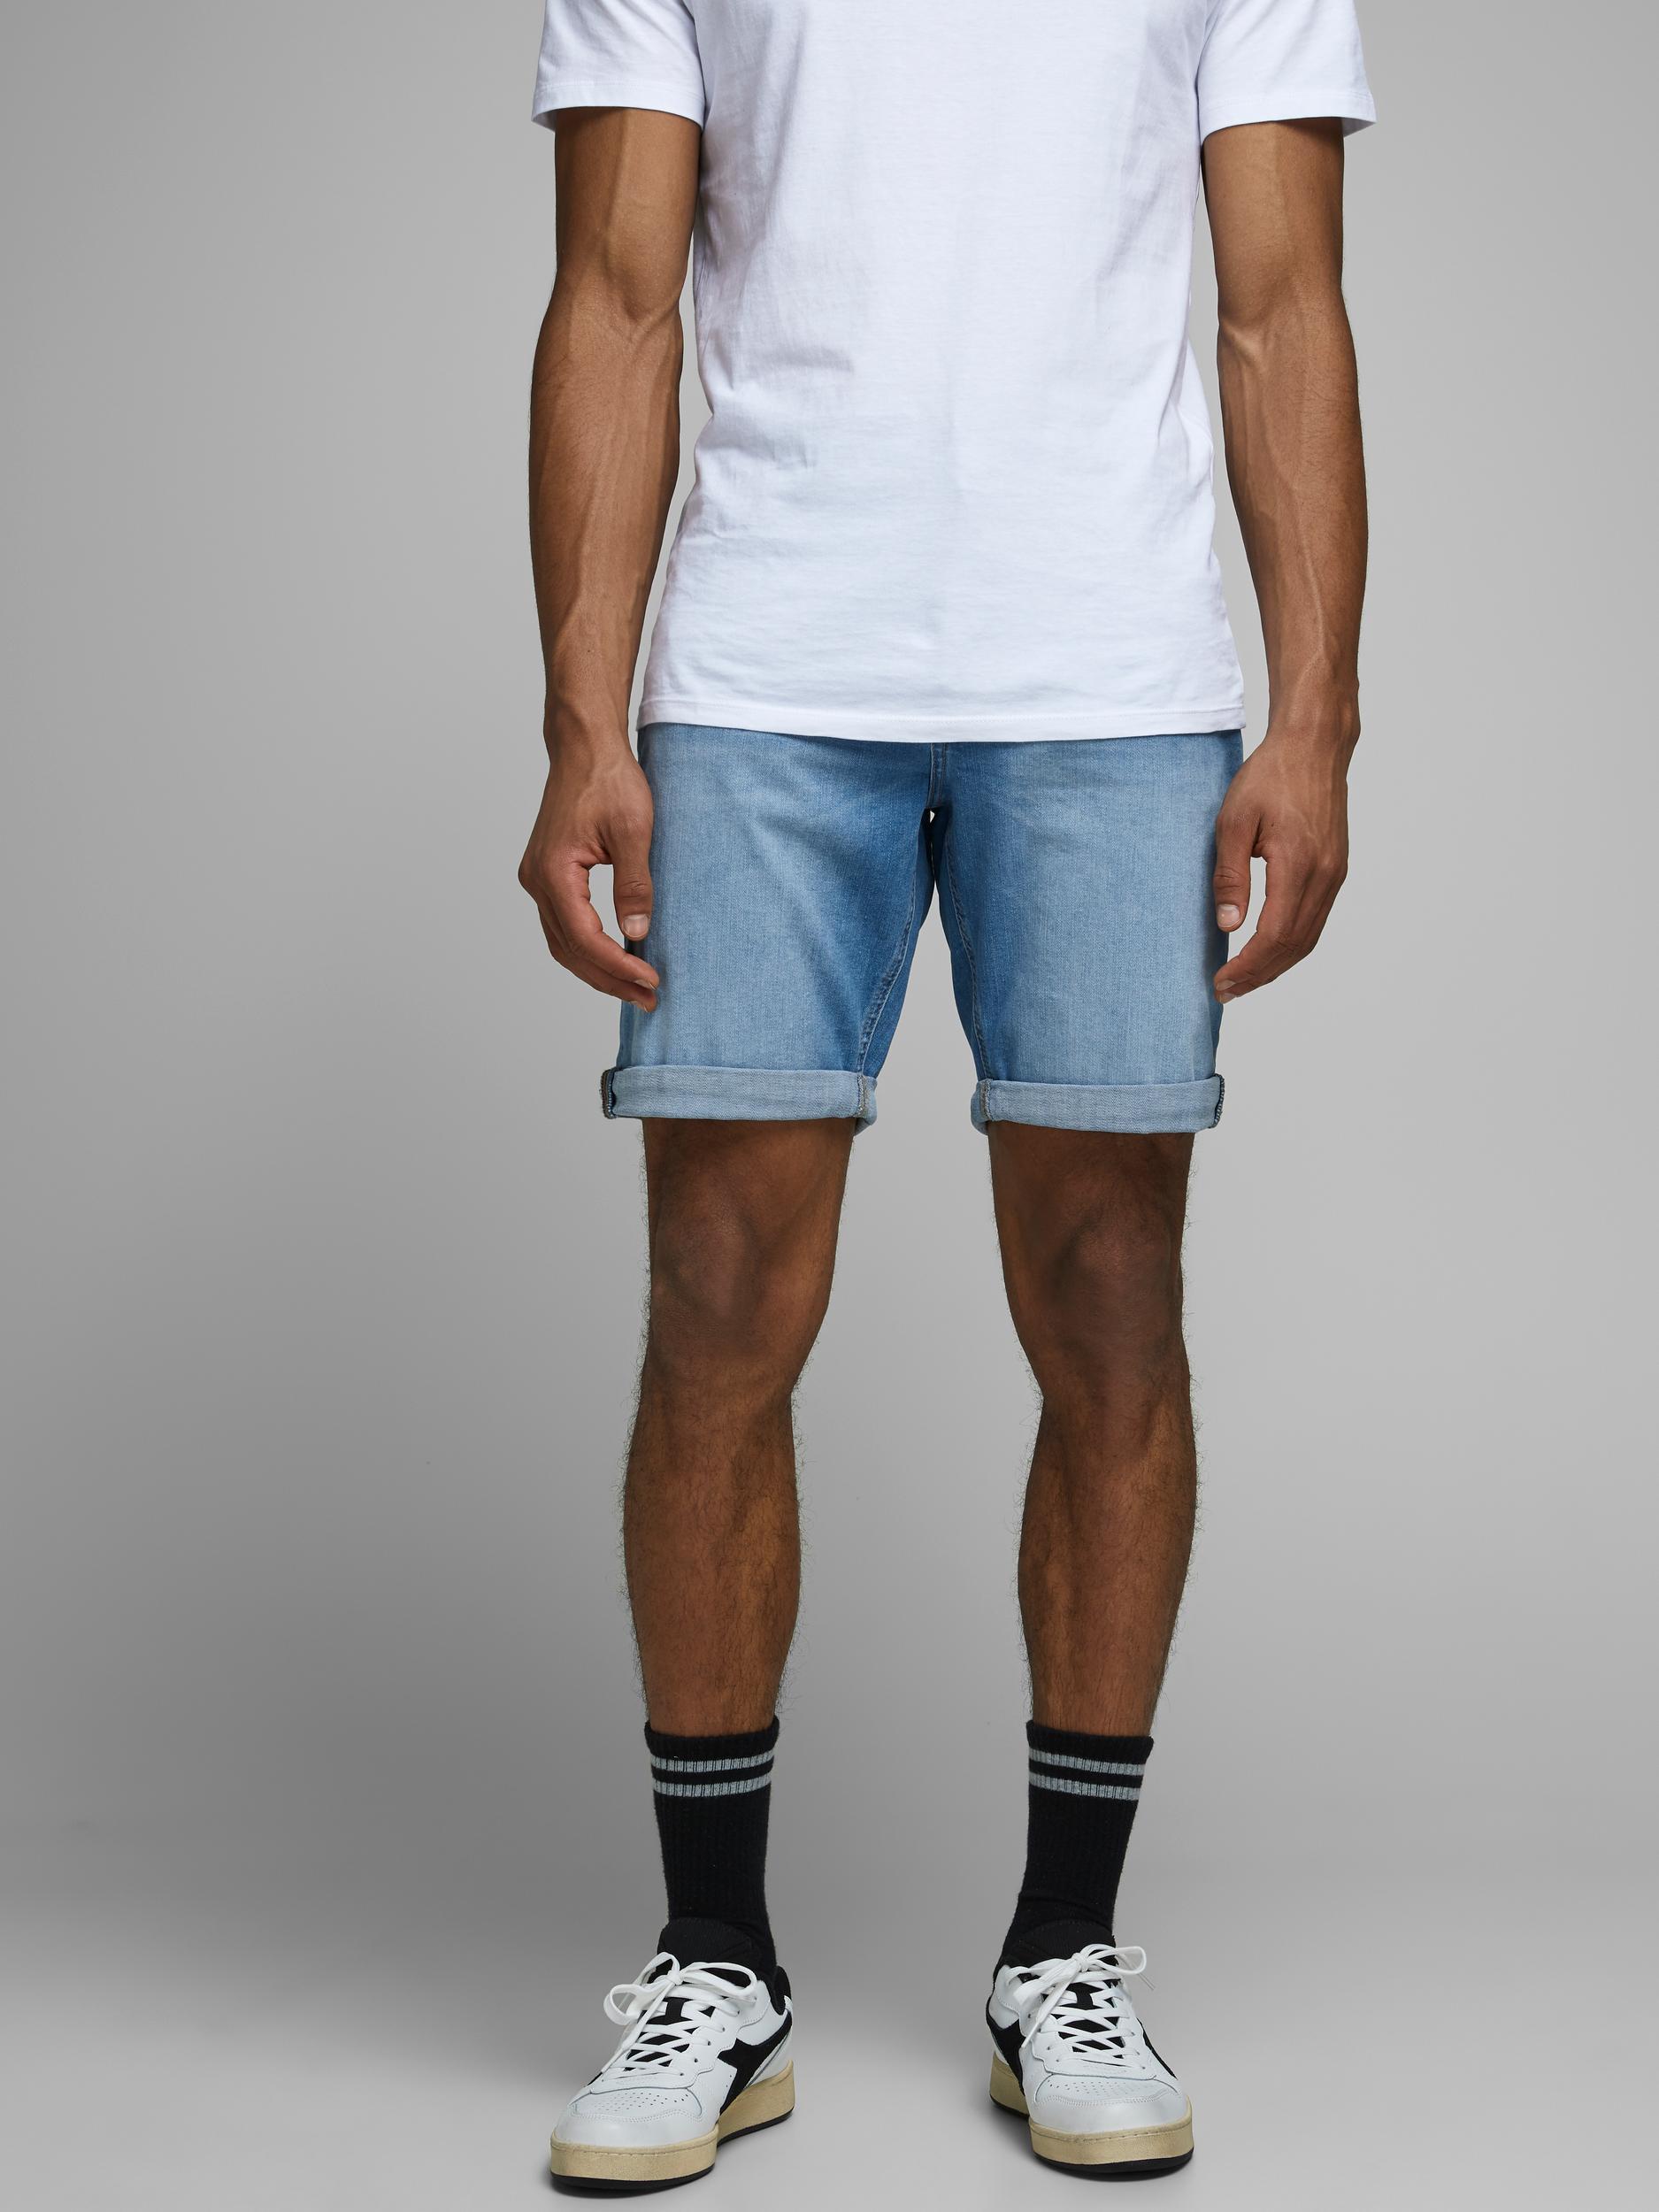 JJIRICK JJORIGINAL SHORTS AGI 002 JACK&JONES   Shorts   12166860BLUE DENIM